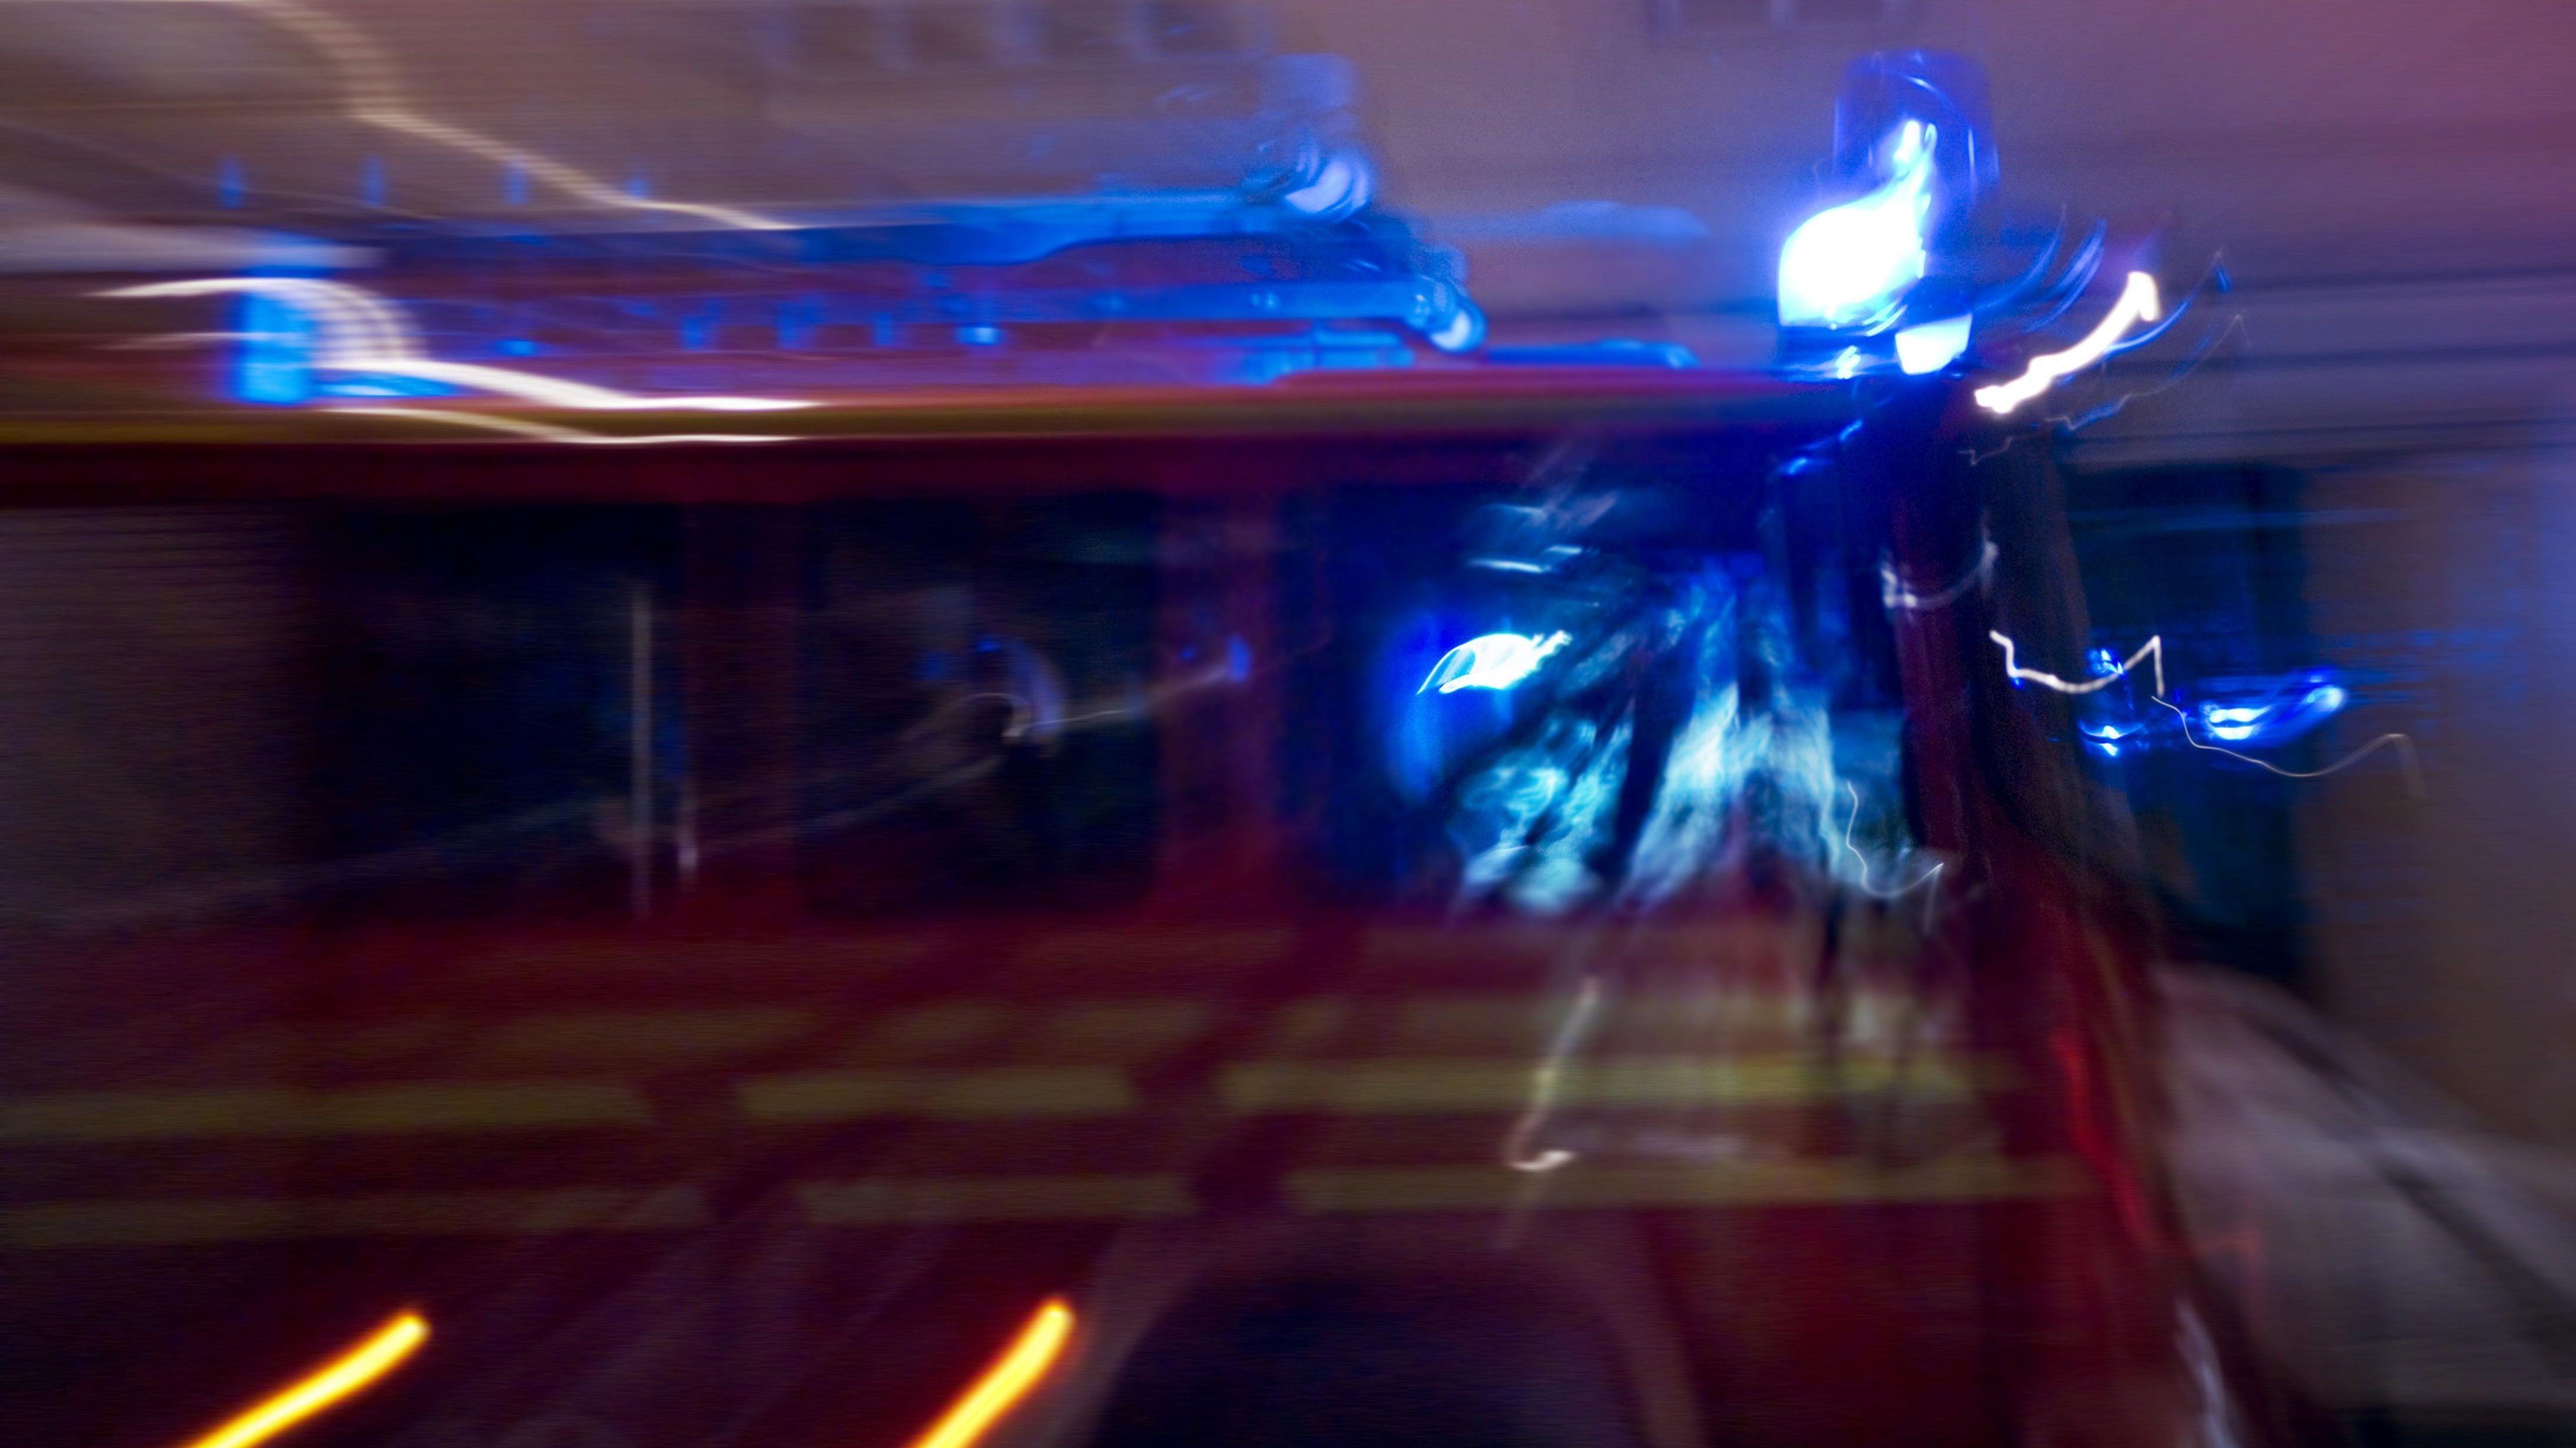 Symbolbild: Feuerwehr bei nächtlichem Einsatz